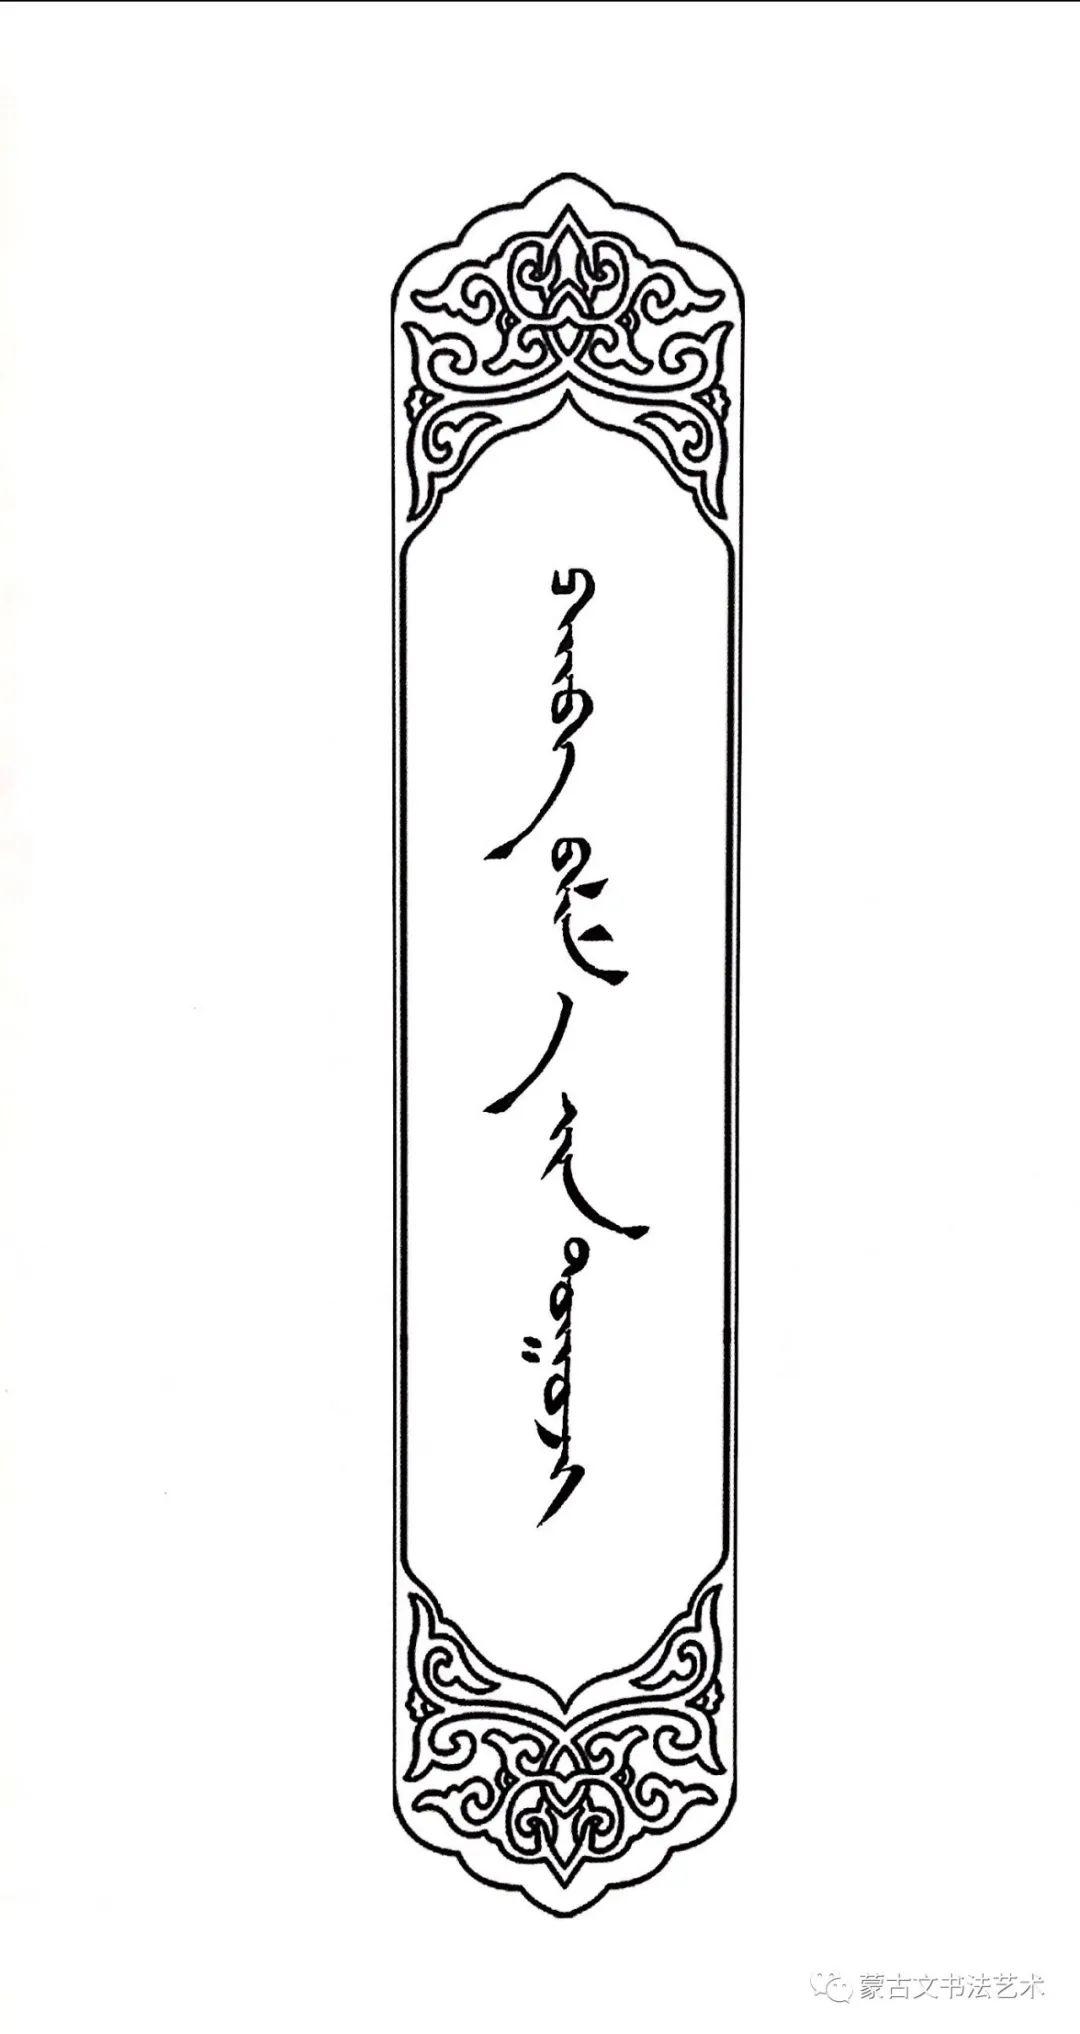 孟克德力格尔楷书著作《八思巴传》 第1张 孟克德力格尔楷书著作《八思巴传》 蒙古书法